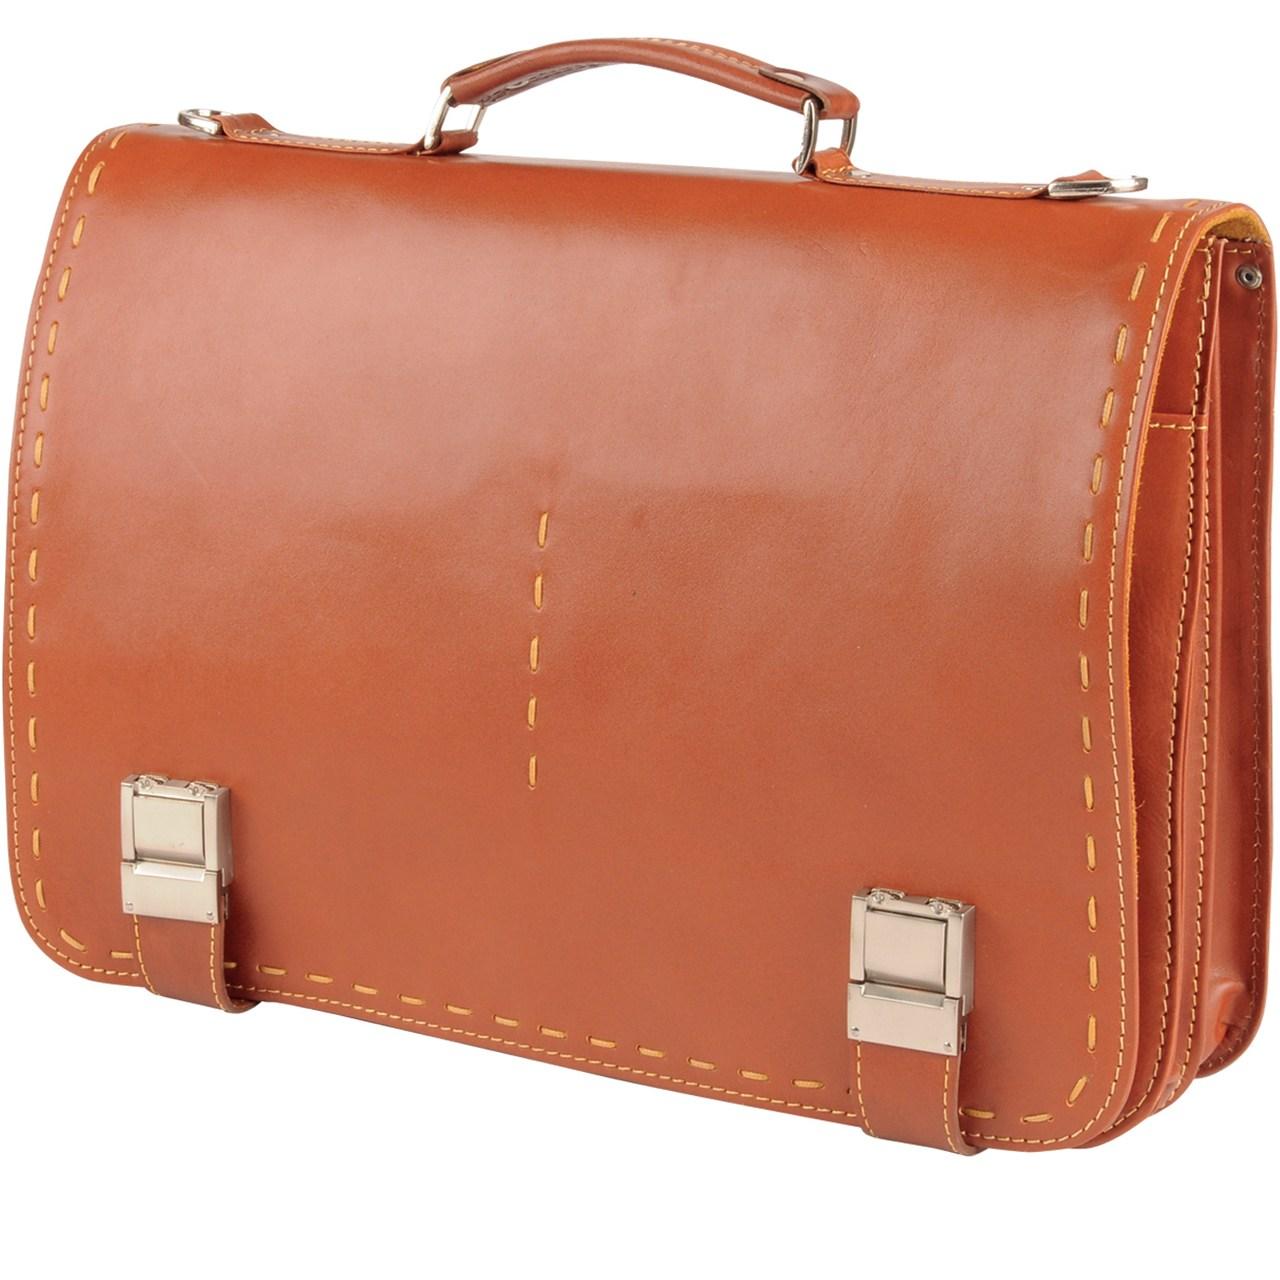 کیف اداری چرم طبیعی گالری کهن چرم مدل L30